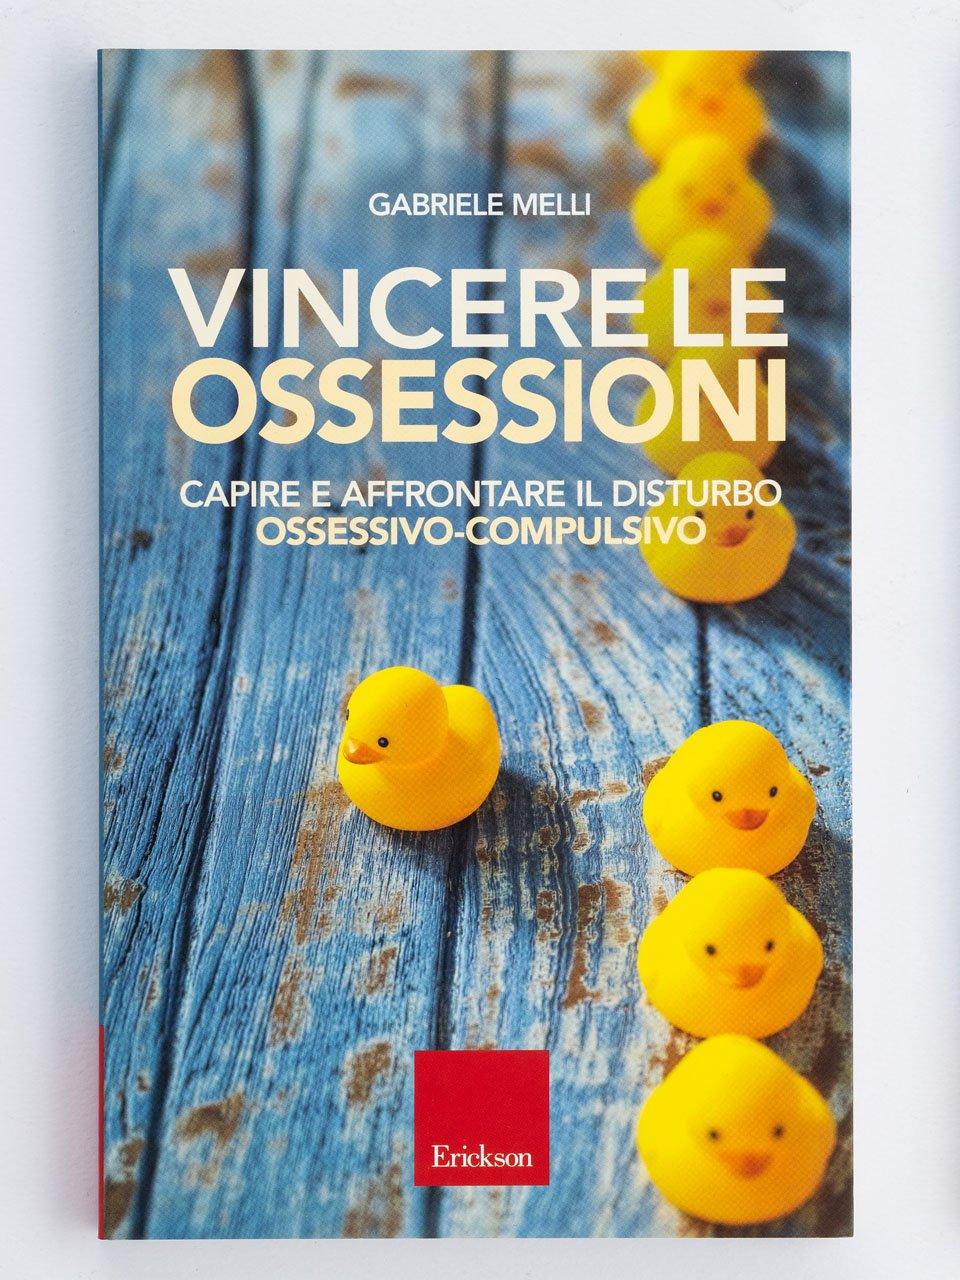 Vincere le ossessioni - Ipocondria, Ansia per le malattie e Disturbo da si - Libri - Erickson